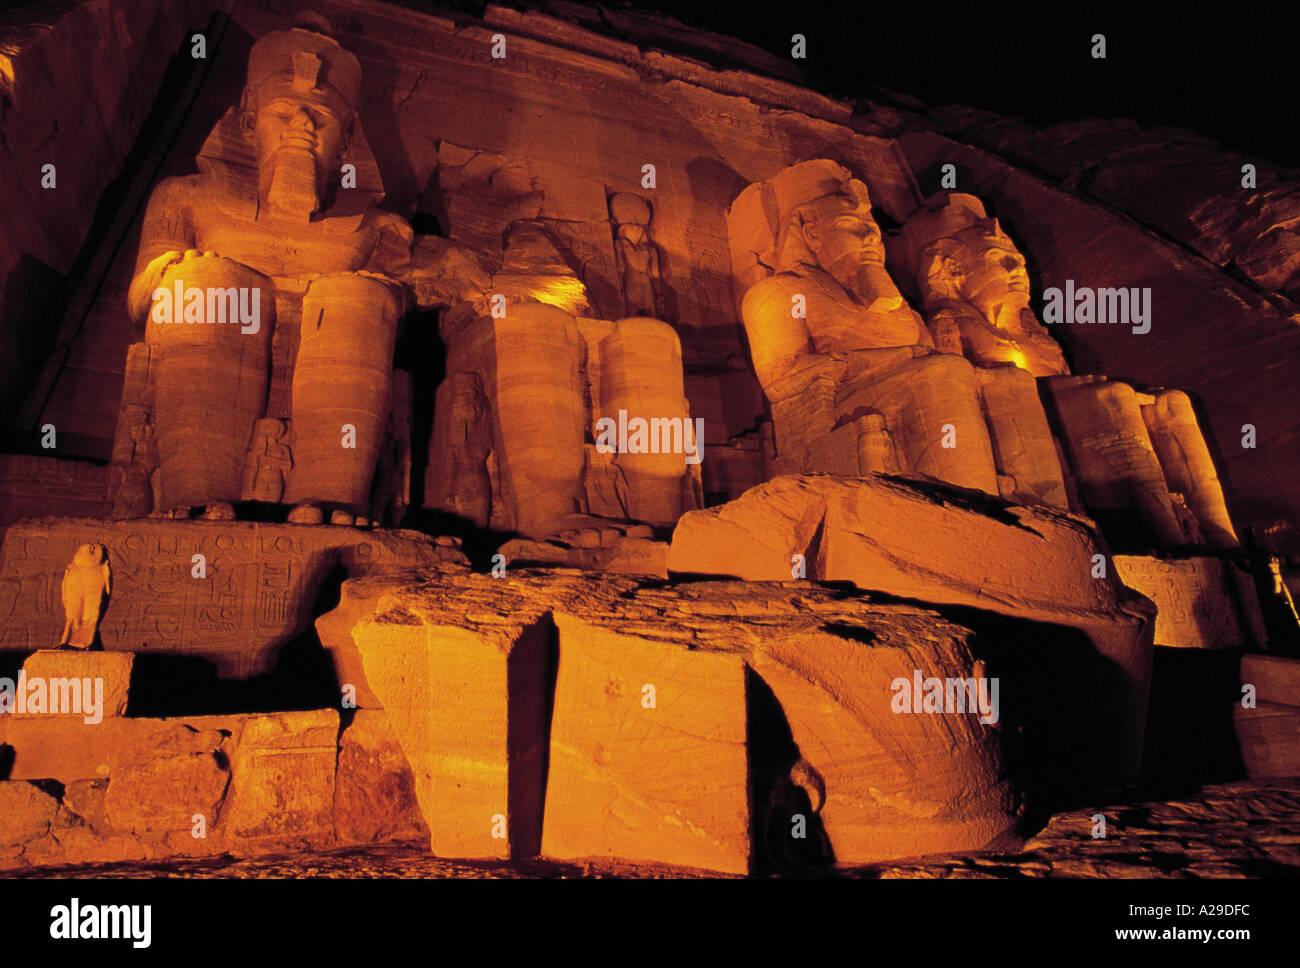 AFRICA EGYPT ABU SIMBEL EGYPTIAN RUINS ILLUMINATED AT NIGHT S Grandadam AFRIQUE EGYPTE ABOU SIMBEL RUINES EGYPTIENNES - Stock Image